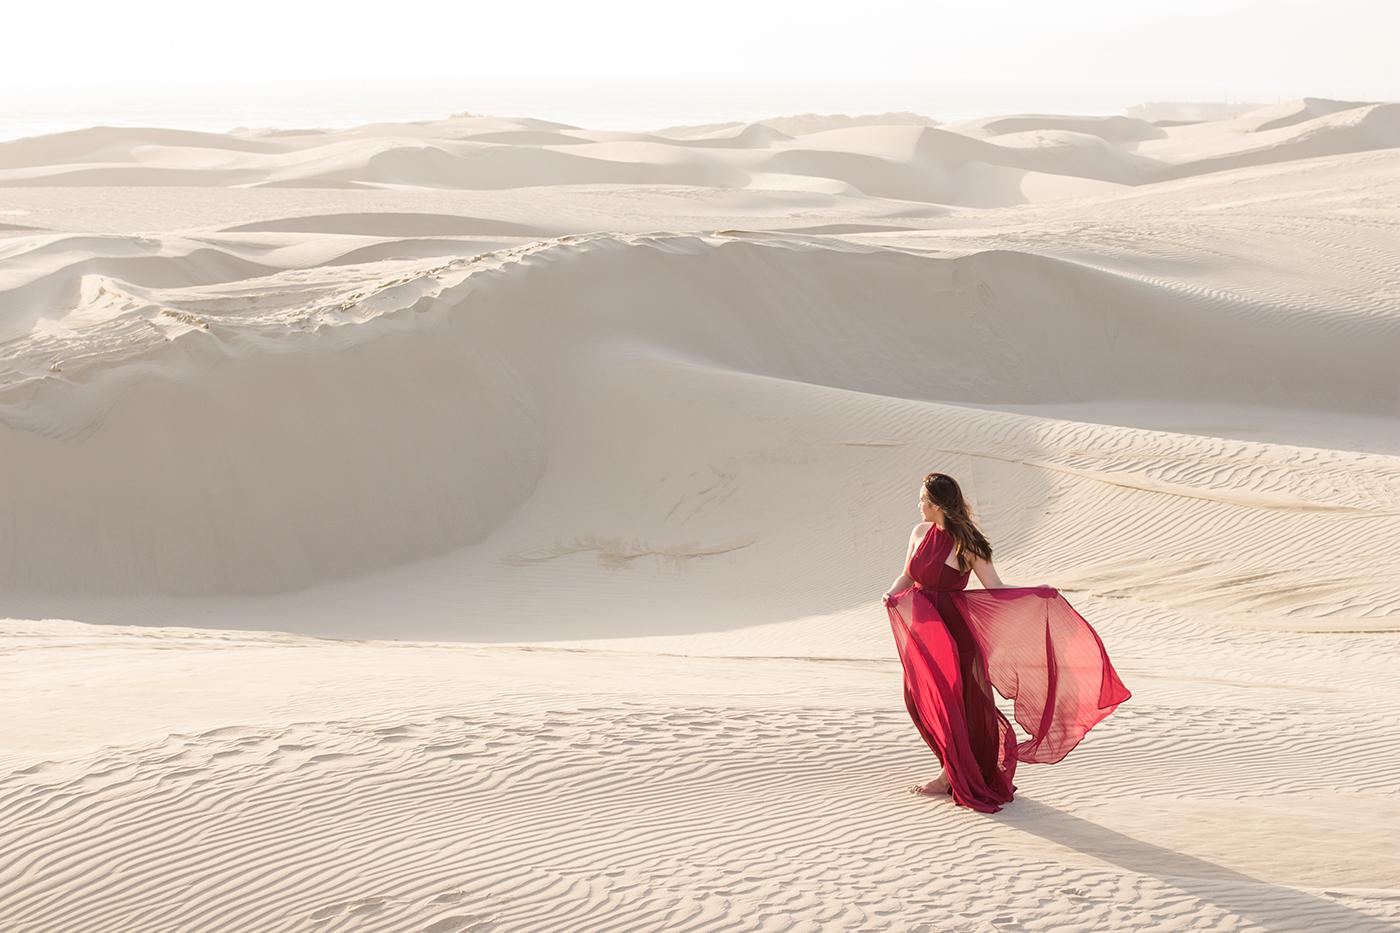 dune-goddess-studio-sophy